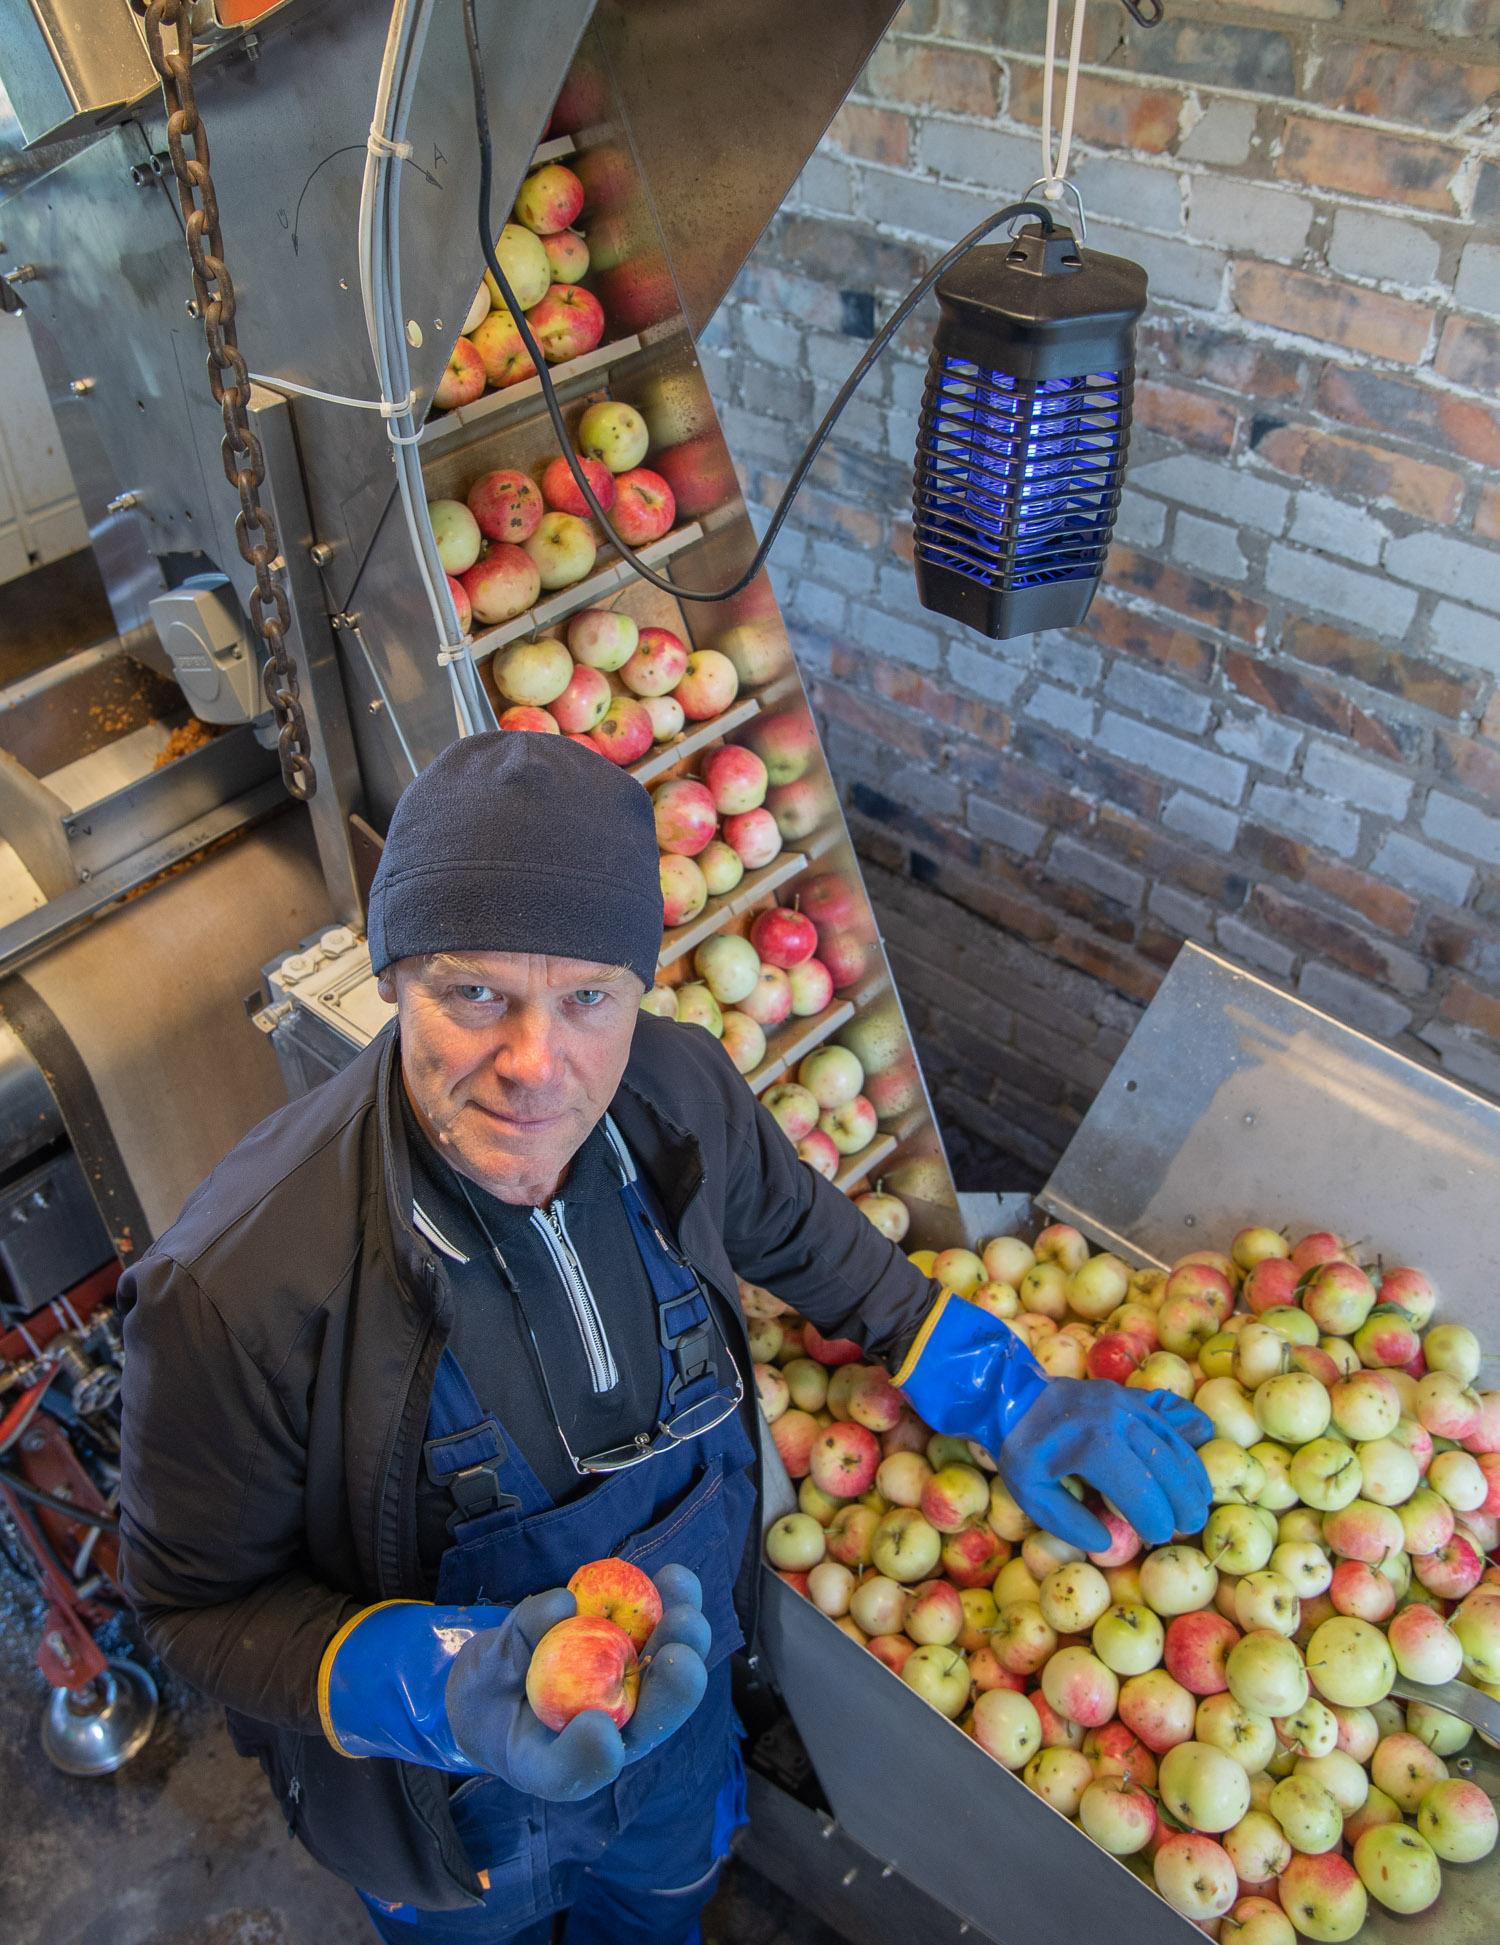 Viiendat aastat Võrumõisa teel õunamahla pressimist pakkuv Piiri talu peremees Ilmar Saar  annab teada, et väärt janukustutajat hakkasid nad taas valmistama juba augusti teisest pühapäevast. Foto: AIGAR NAGEL